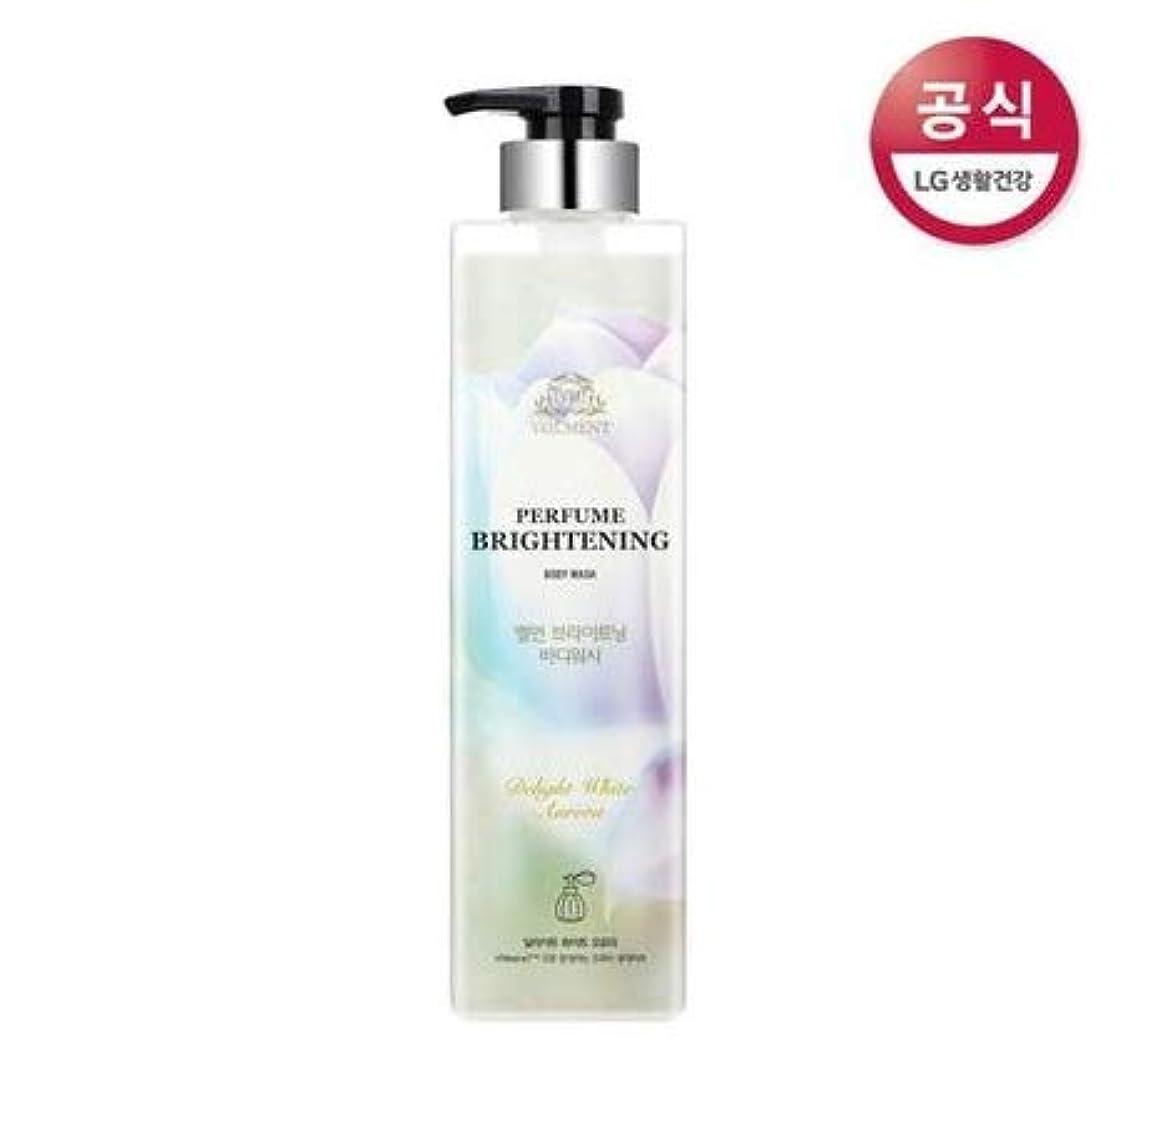 王朝グリット予測[LG HnB] On the Body Belman Perfume Brightening Body Wash / オンザボディベルモンパフュームブライトニングボディウォッシュ680mlx1個(海外直送品)